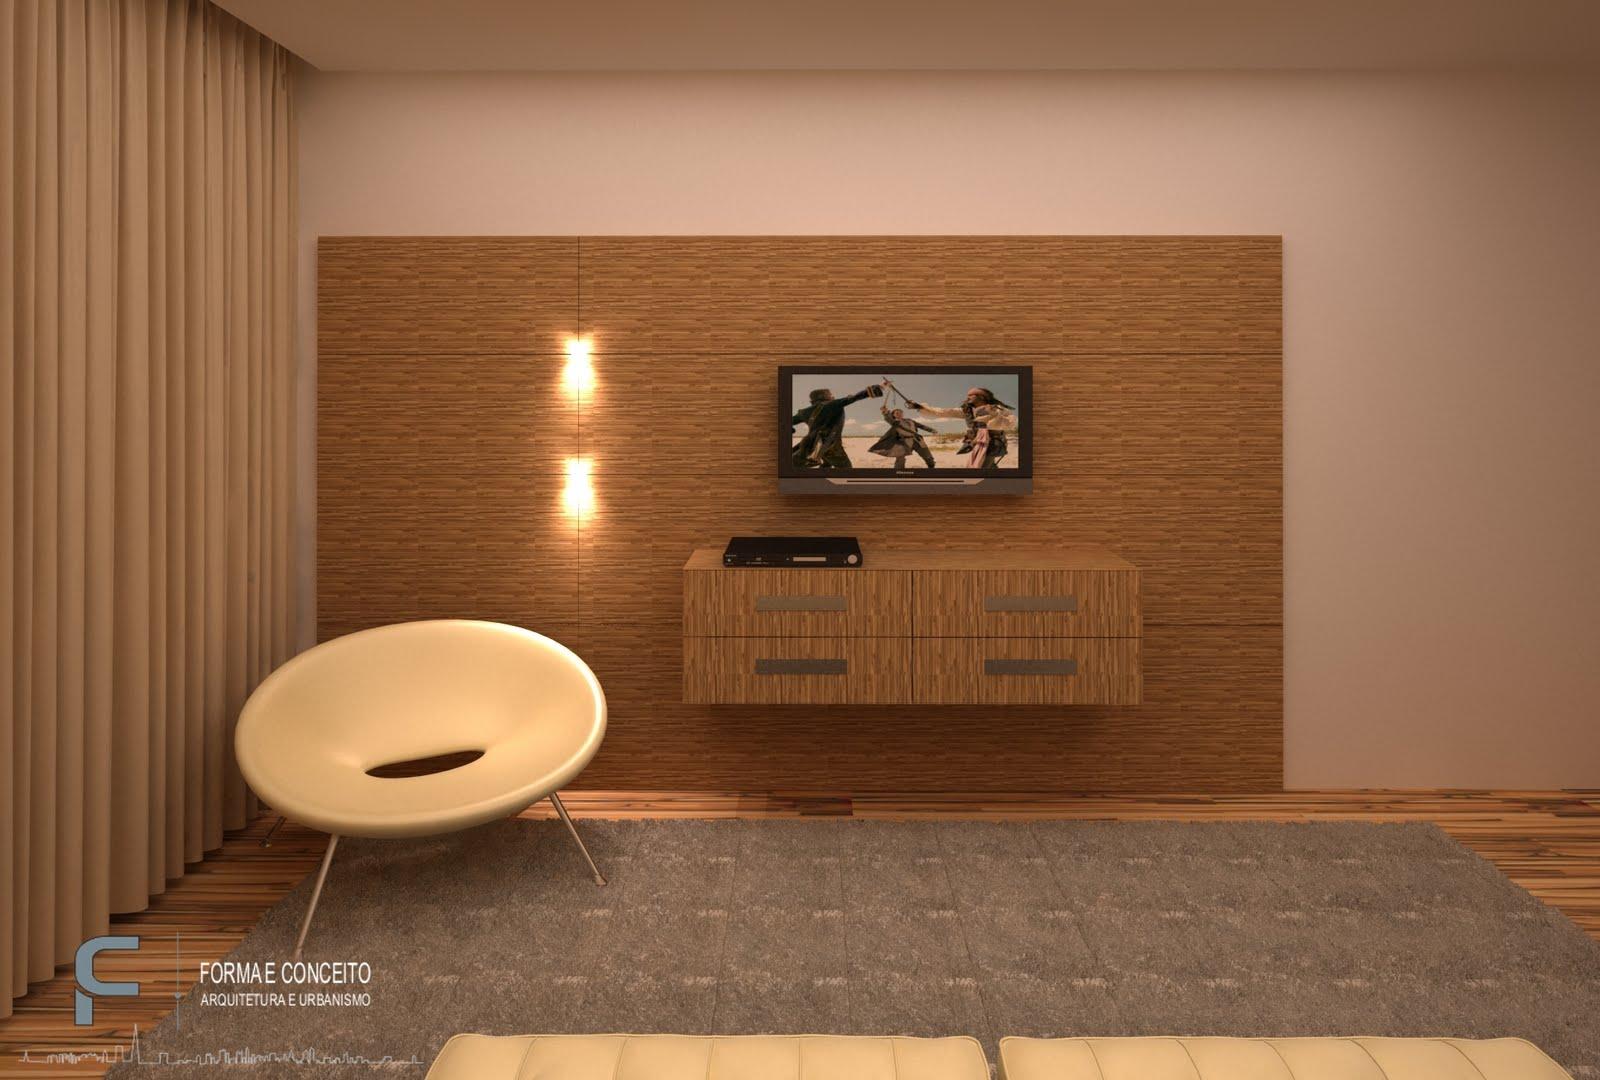 de interiores para residência Condomínio fechado De Crillon Rio #B59F16 1600x1080 Banheiro De Gato Fechado